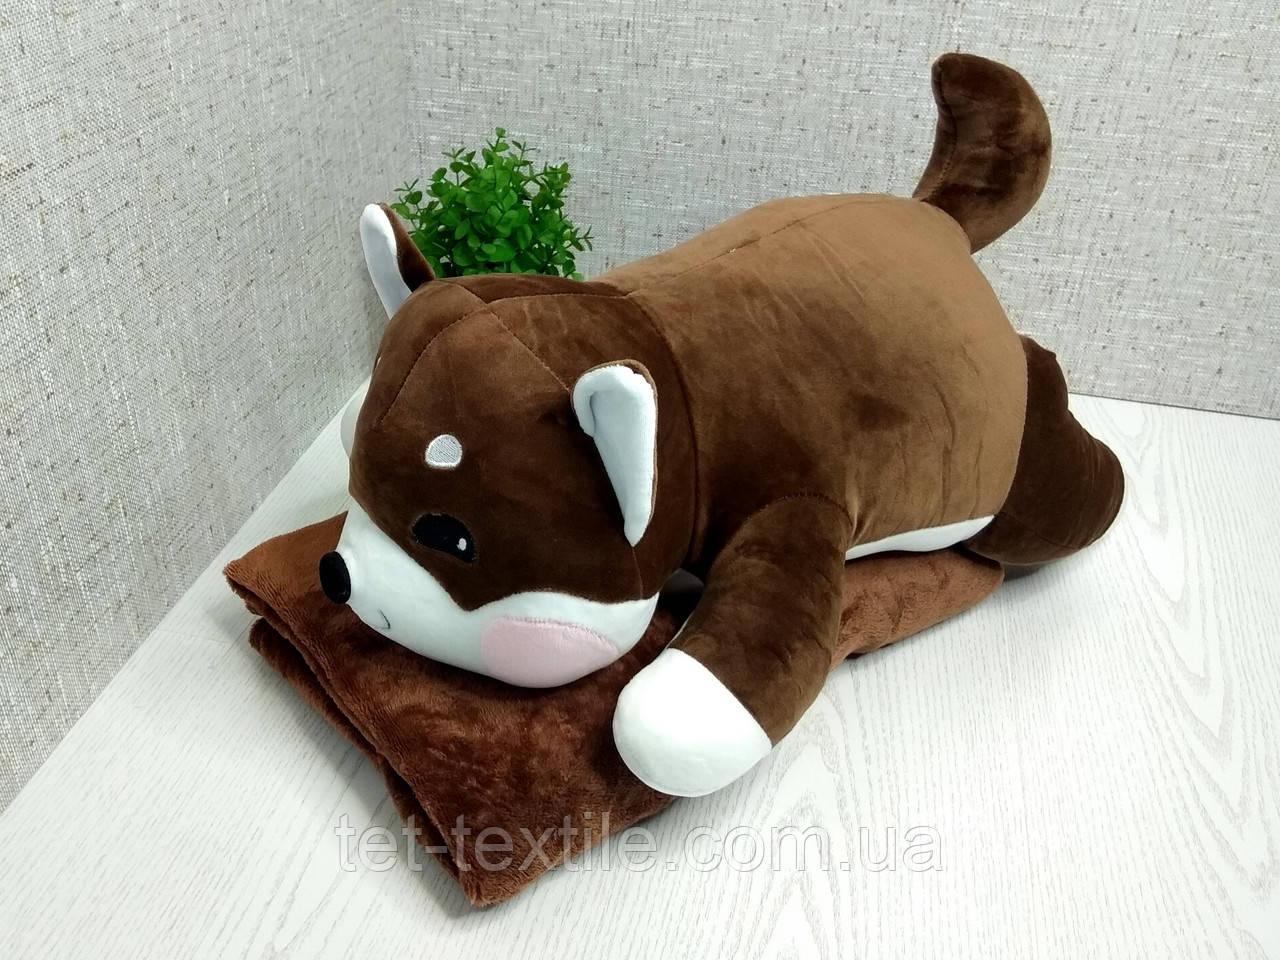 """Мягкая игрушка с пледом внутри """"Собачка"""" коричневая"""